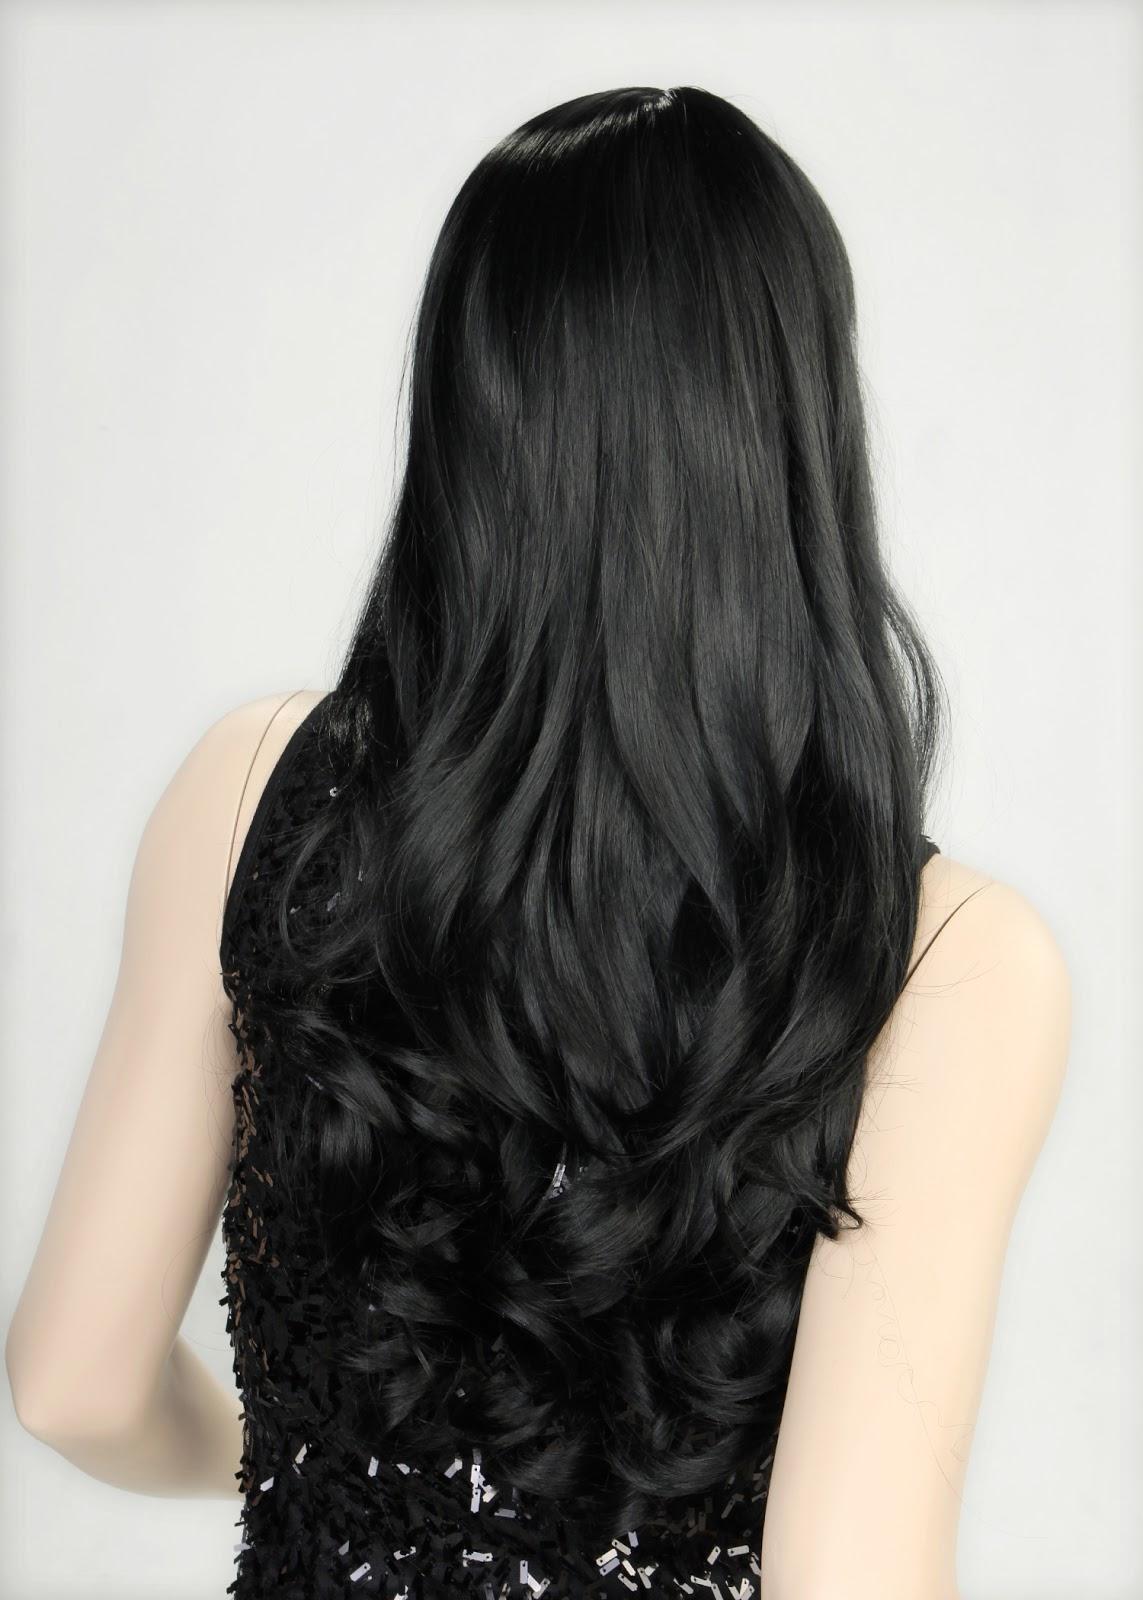 بنات شعر اسود طويل , صبغة الشعر الاسود - بالصور